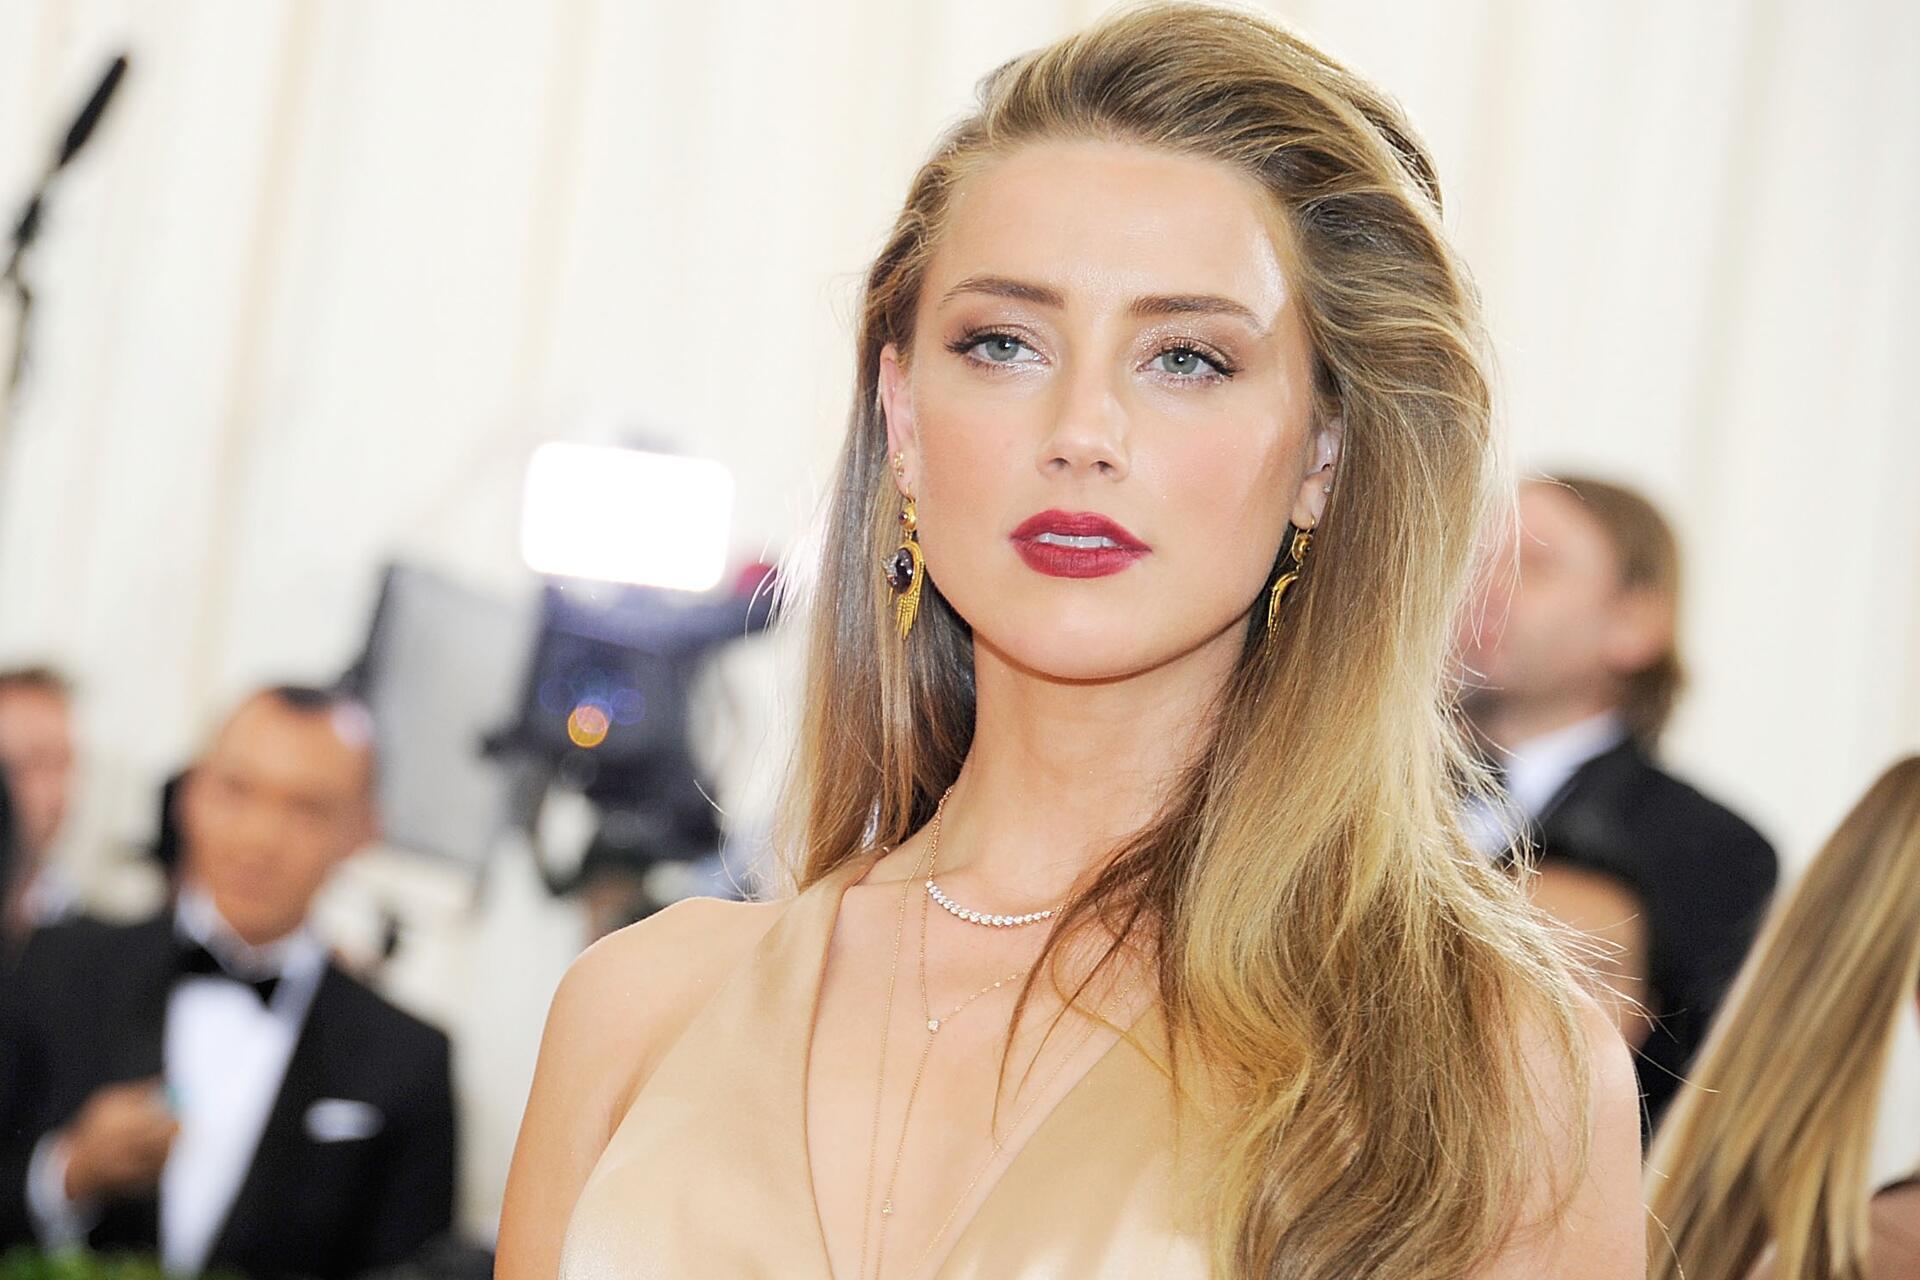 Bild zu Amber Heard, Johnny Depp, Scheidungsverfahren, Gericht